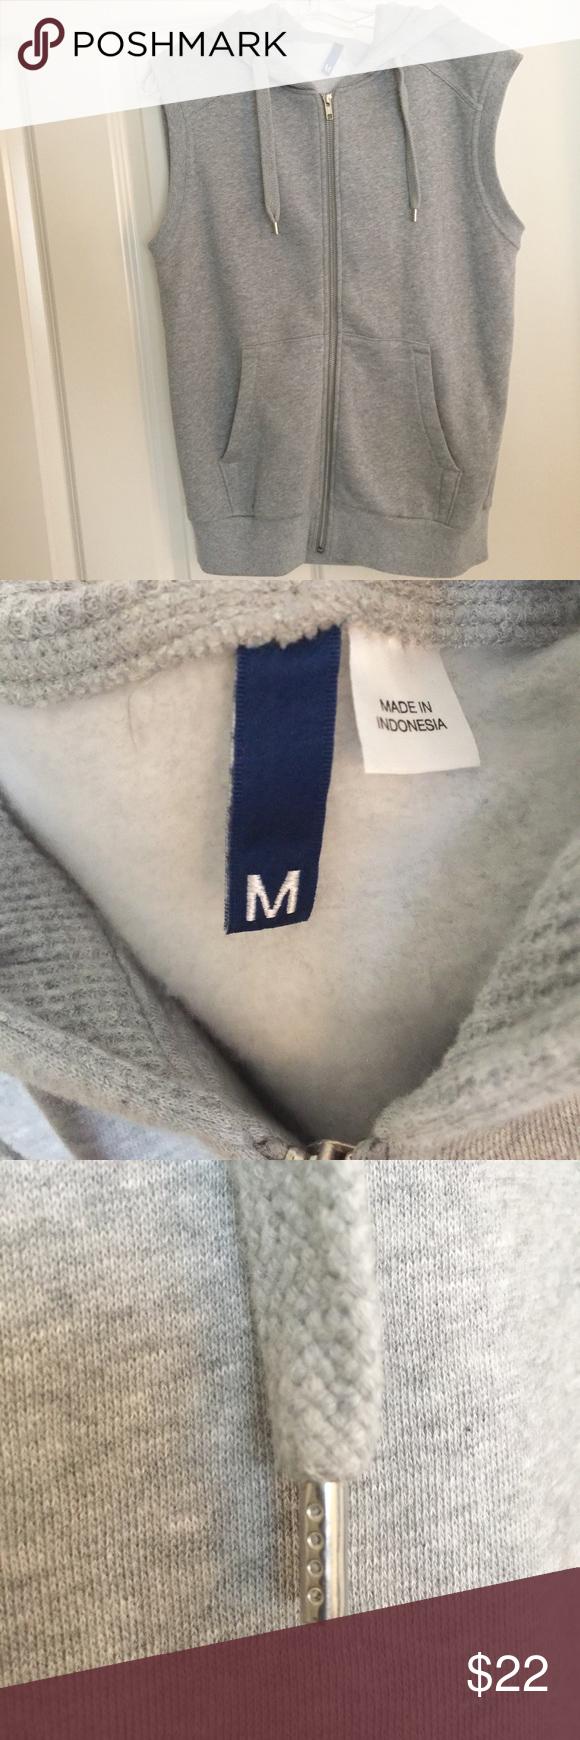 💪🏼NWOT Men's Sleeveless Zip Hoodie Never worn  New condition H&M Sweaters Zip Up